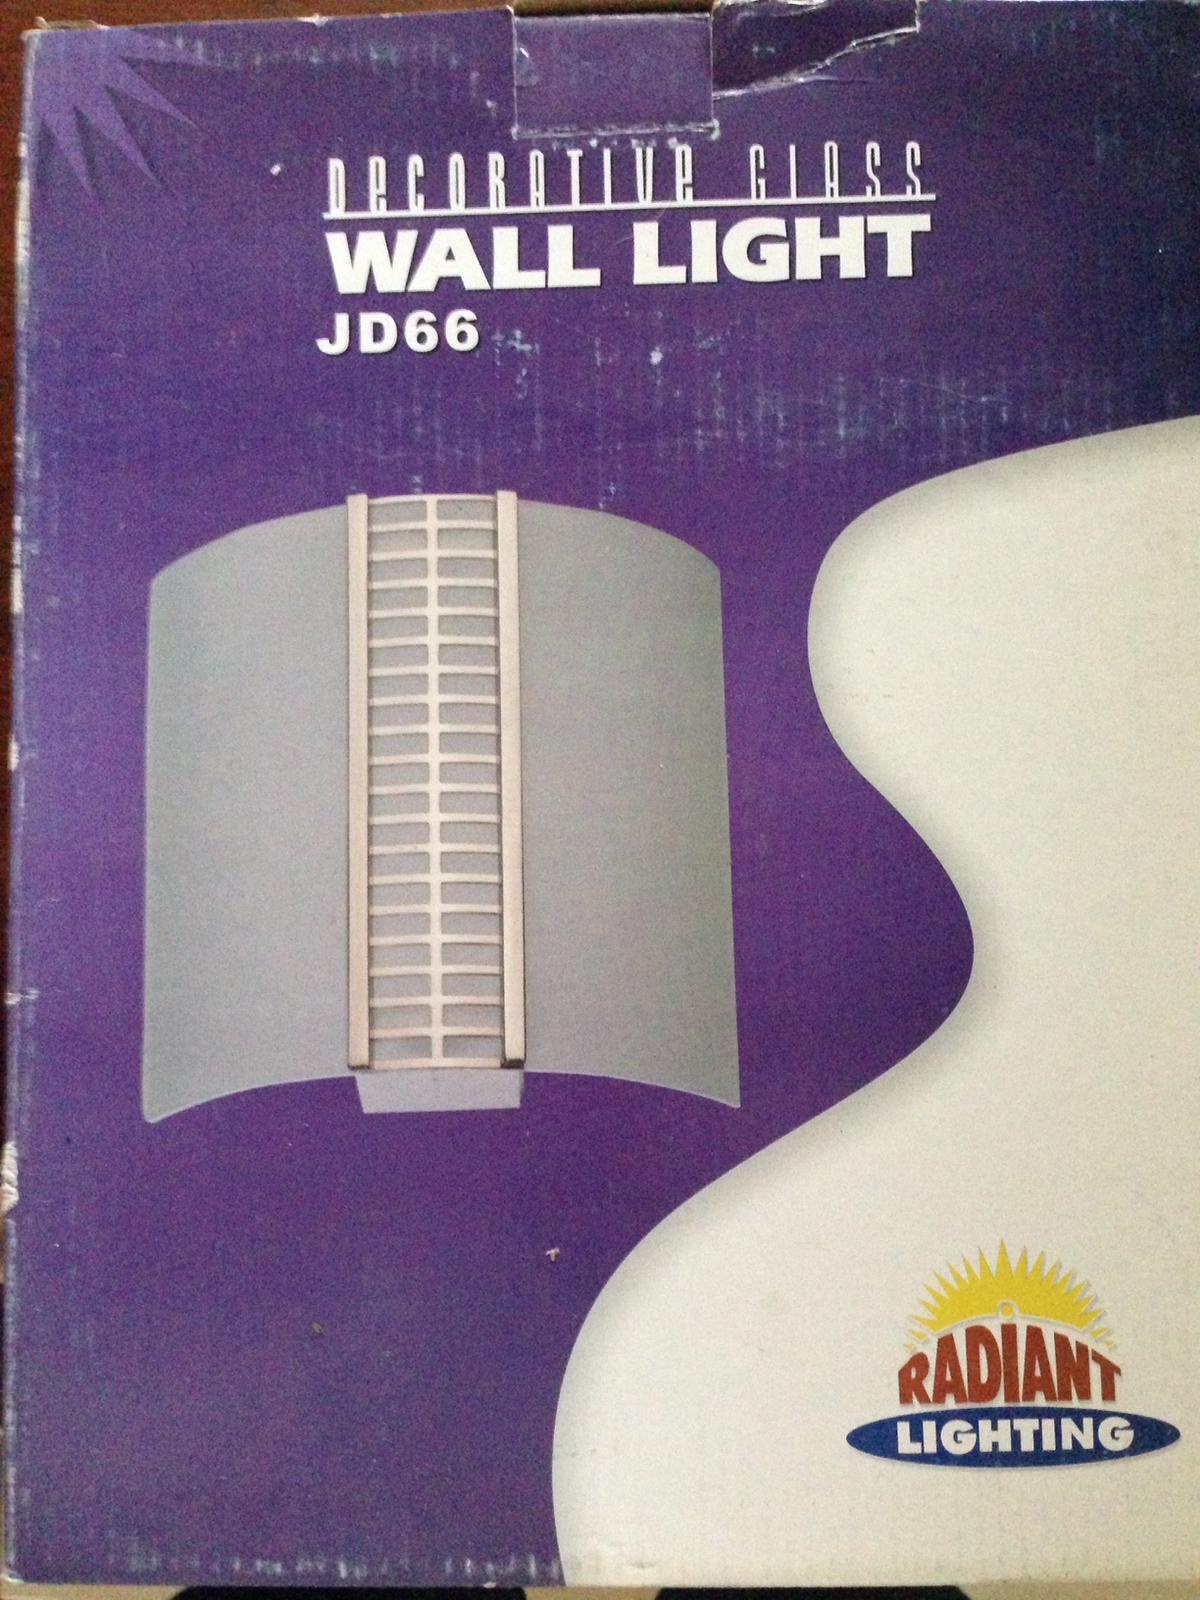 Decorative Glass Wall Lights x4